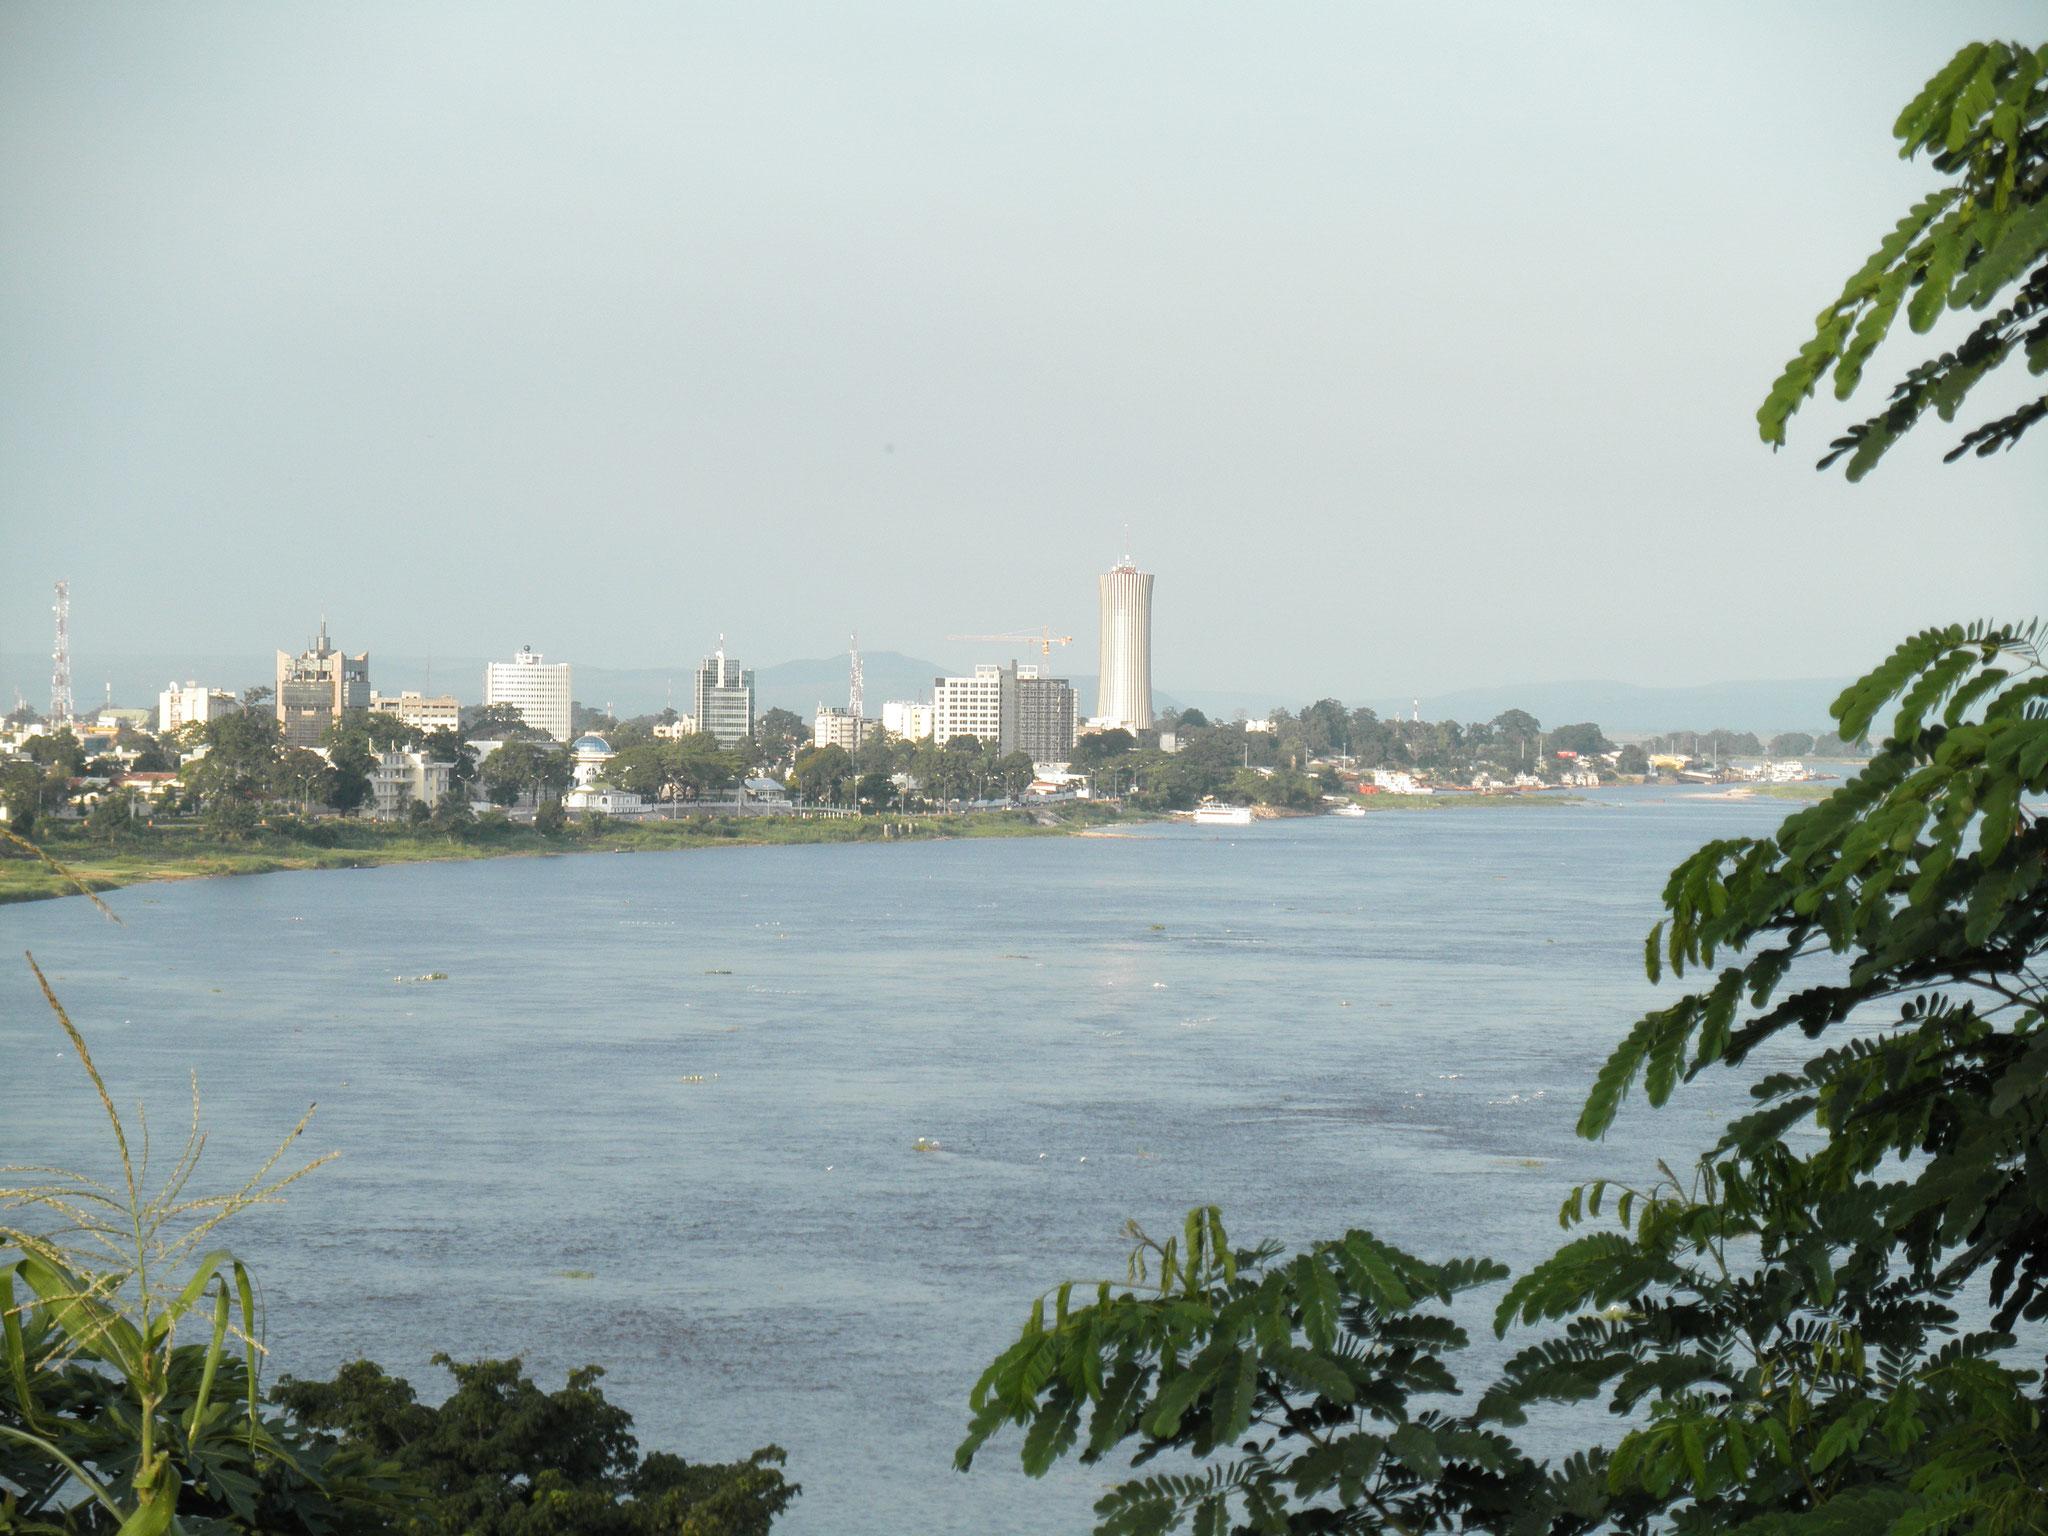 Vue sur Kinshasa, par delà le fleuve Congo